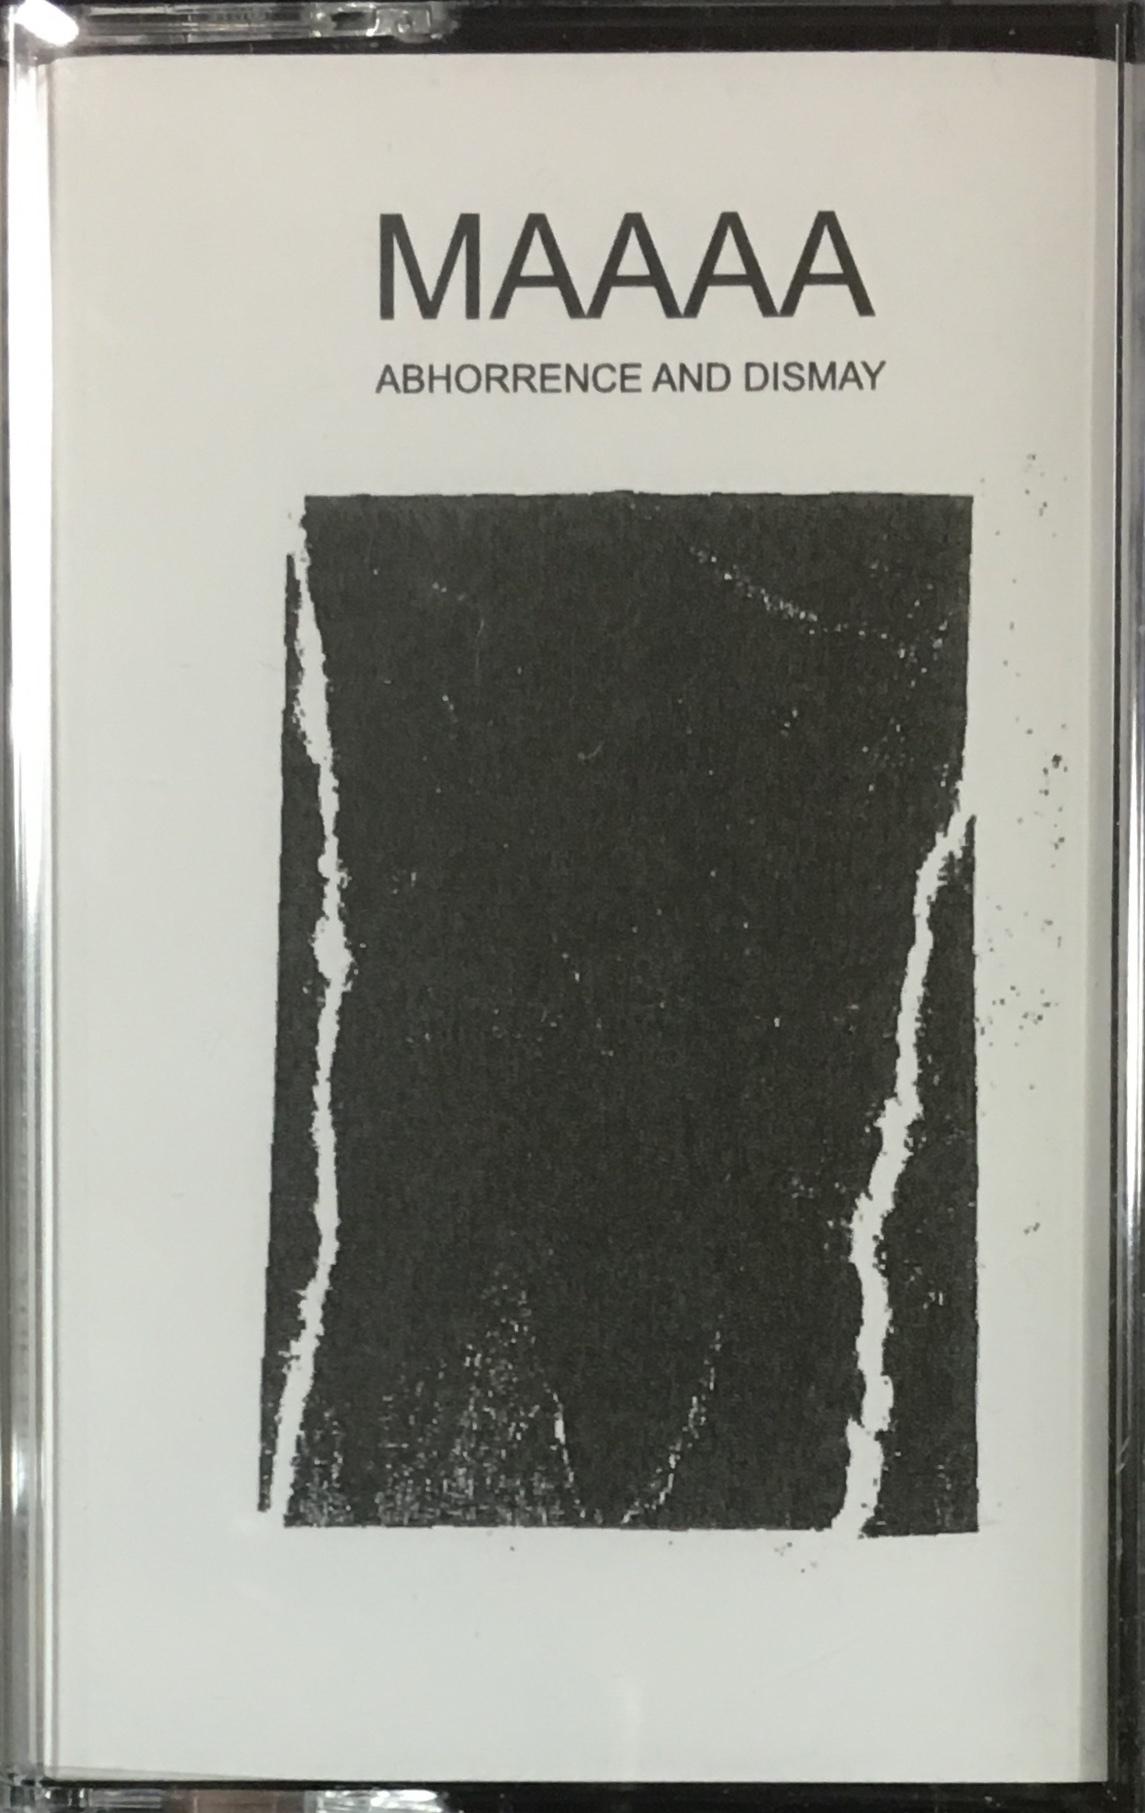 MAAAA - Abhorrence And Dismay (C40)